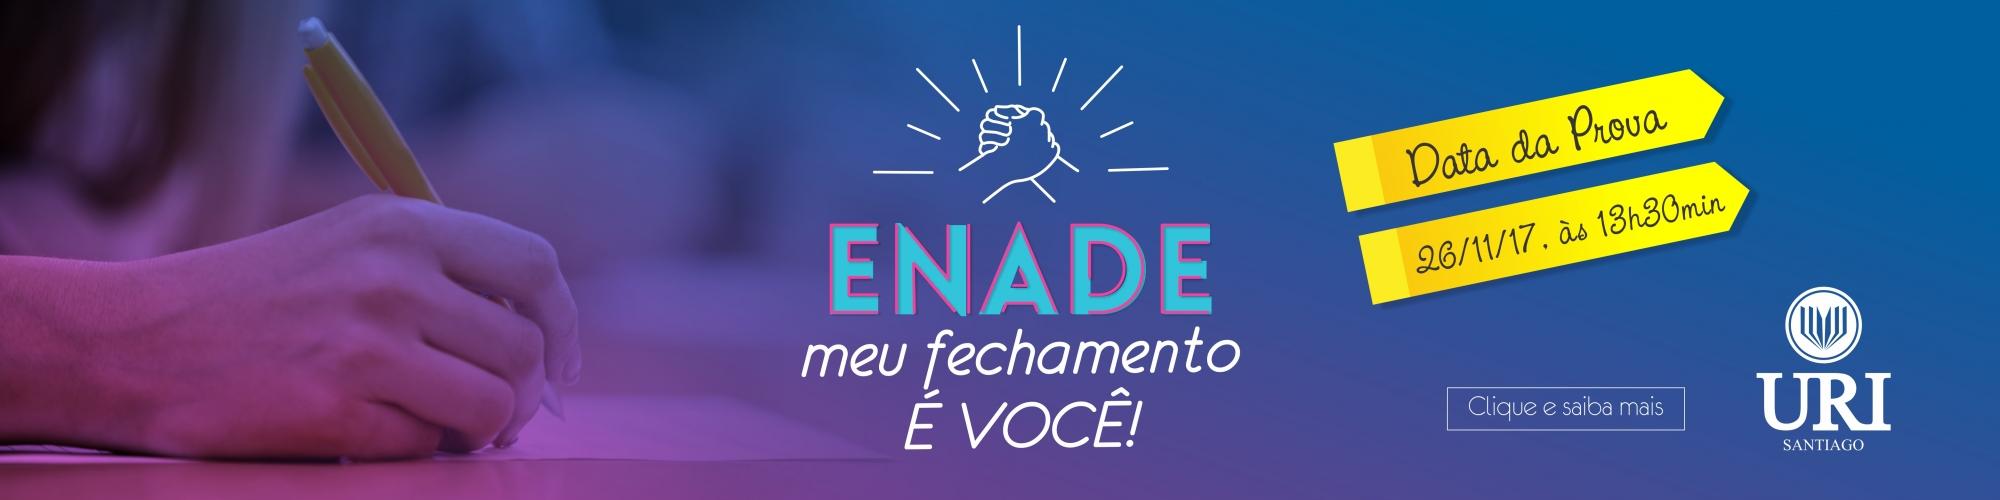 ENADE 2017